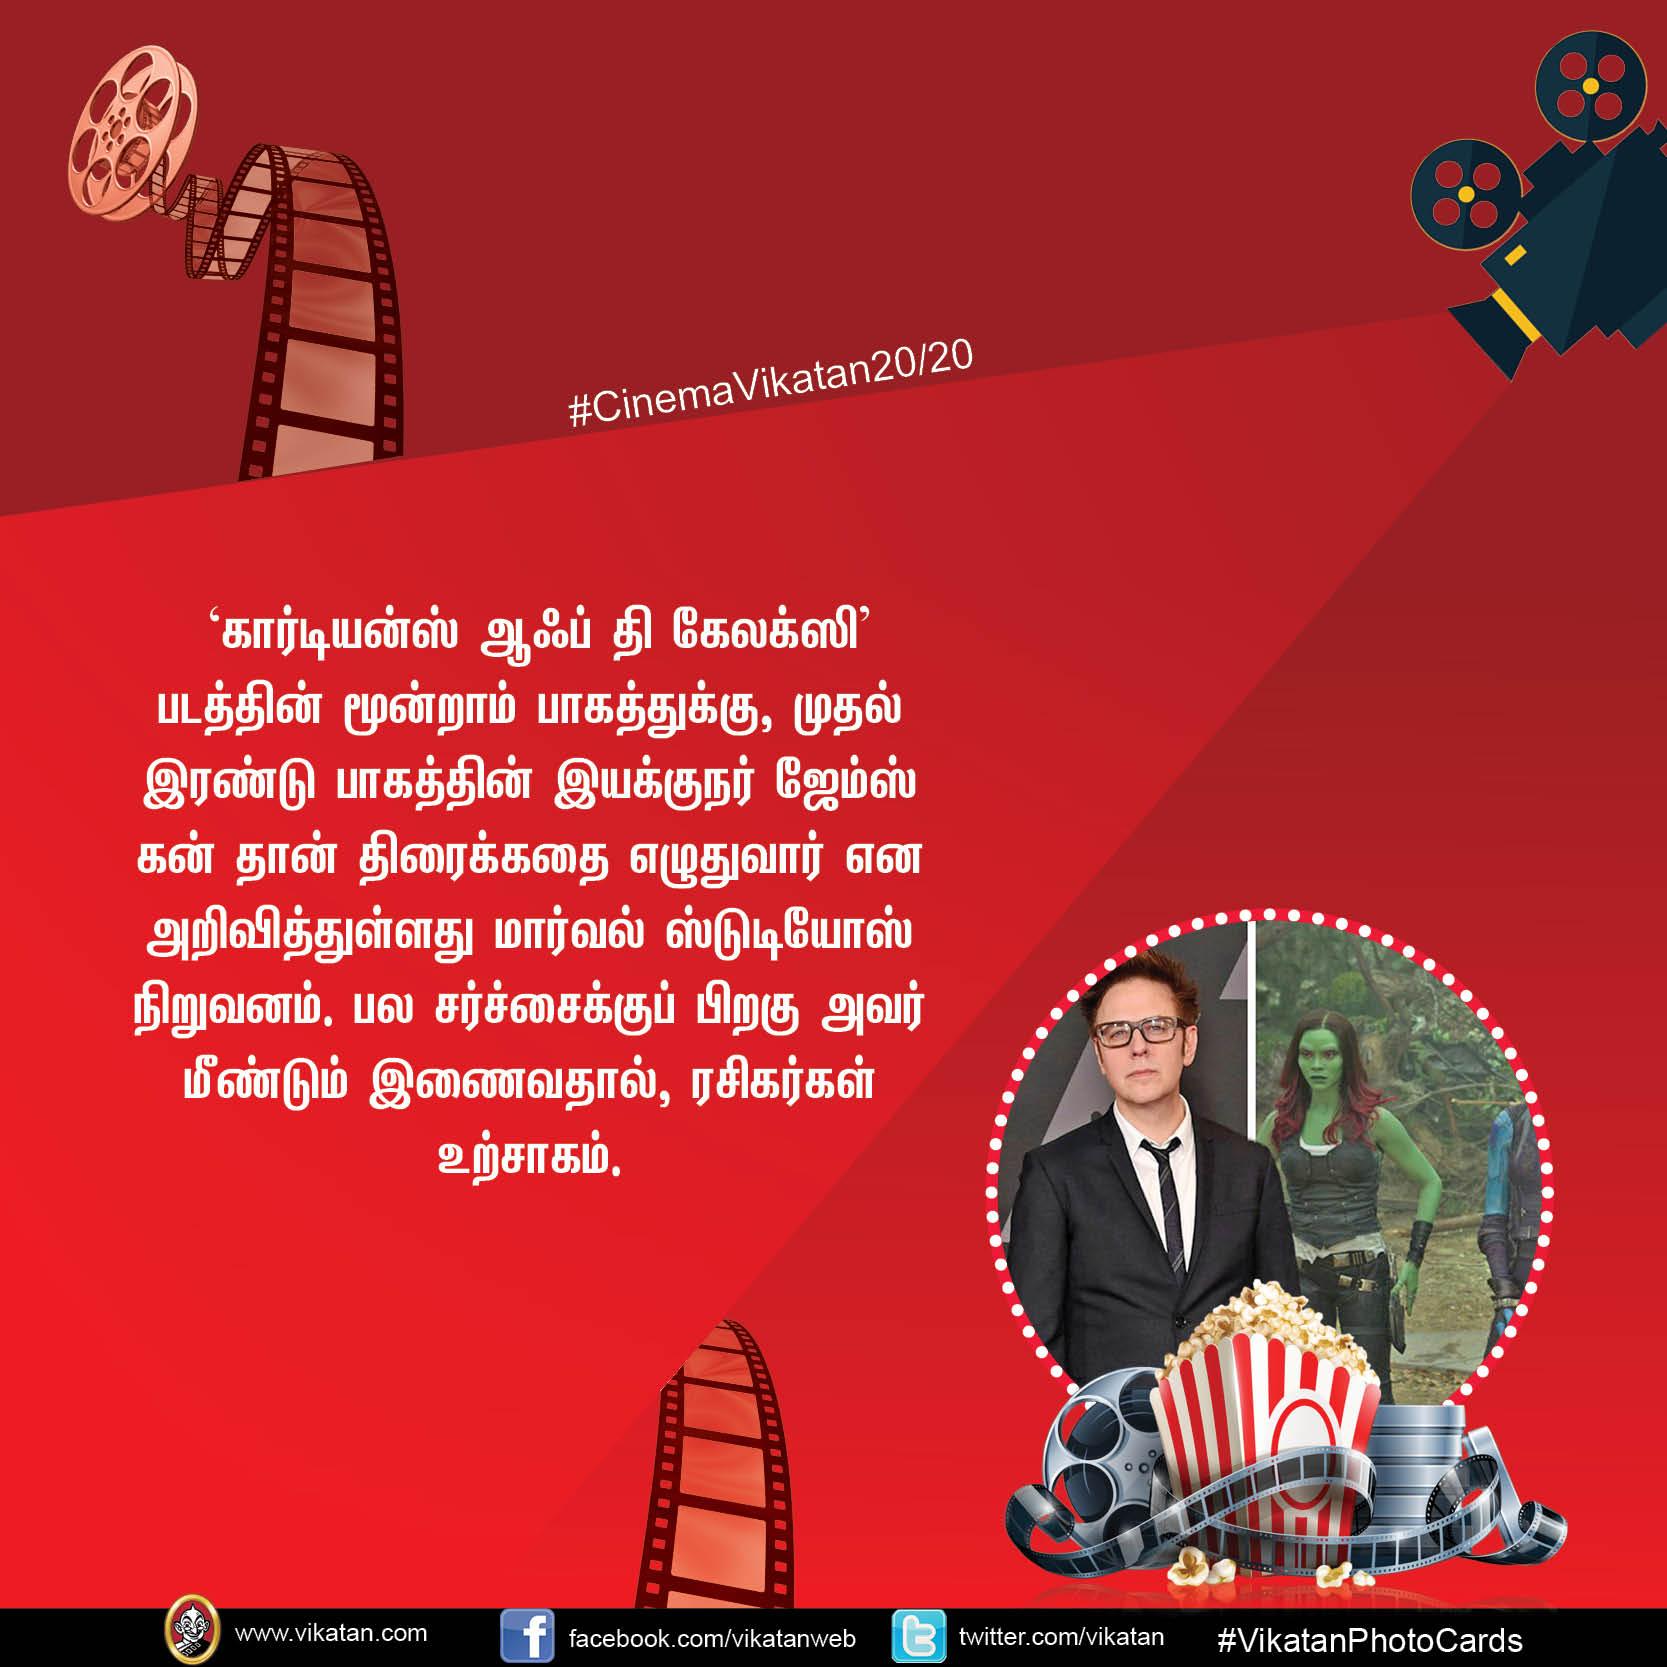 'காப்பான்' பூர்ணா, 'காவலன்' அருண் விஜய் #CinemaVikatan20/20